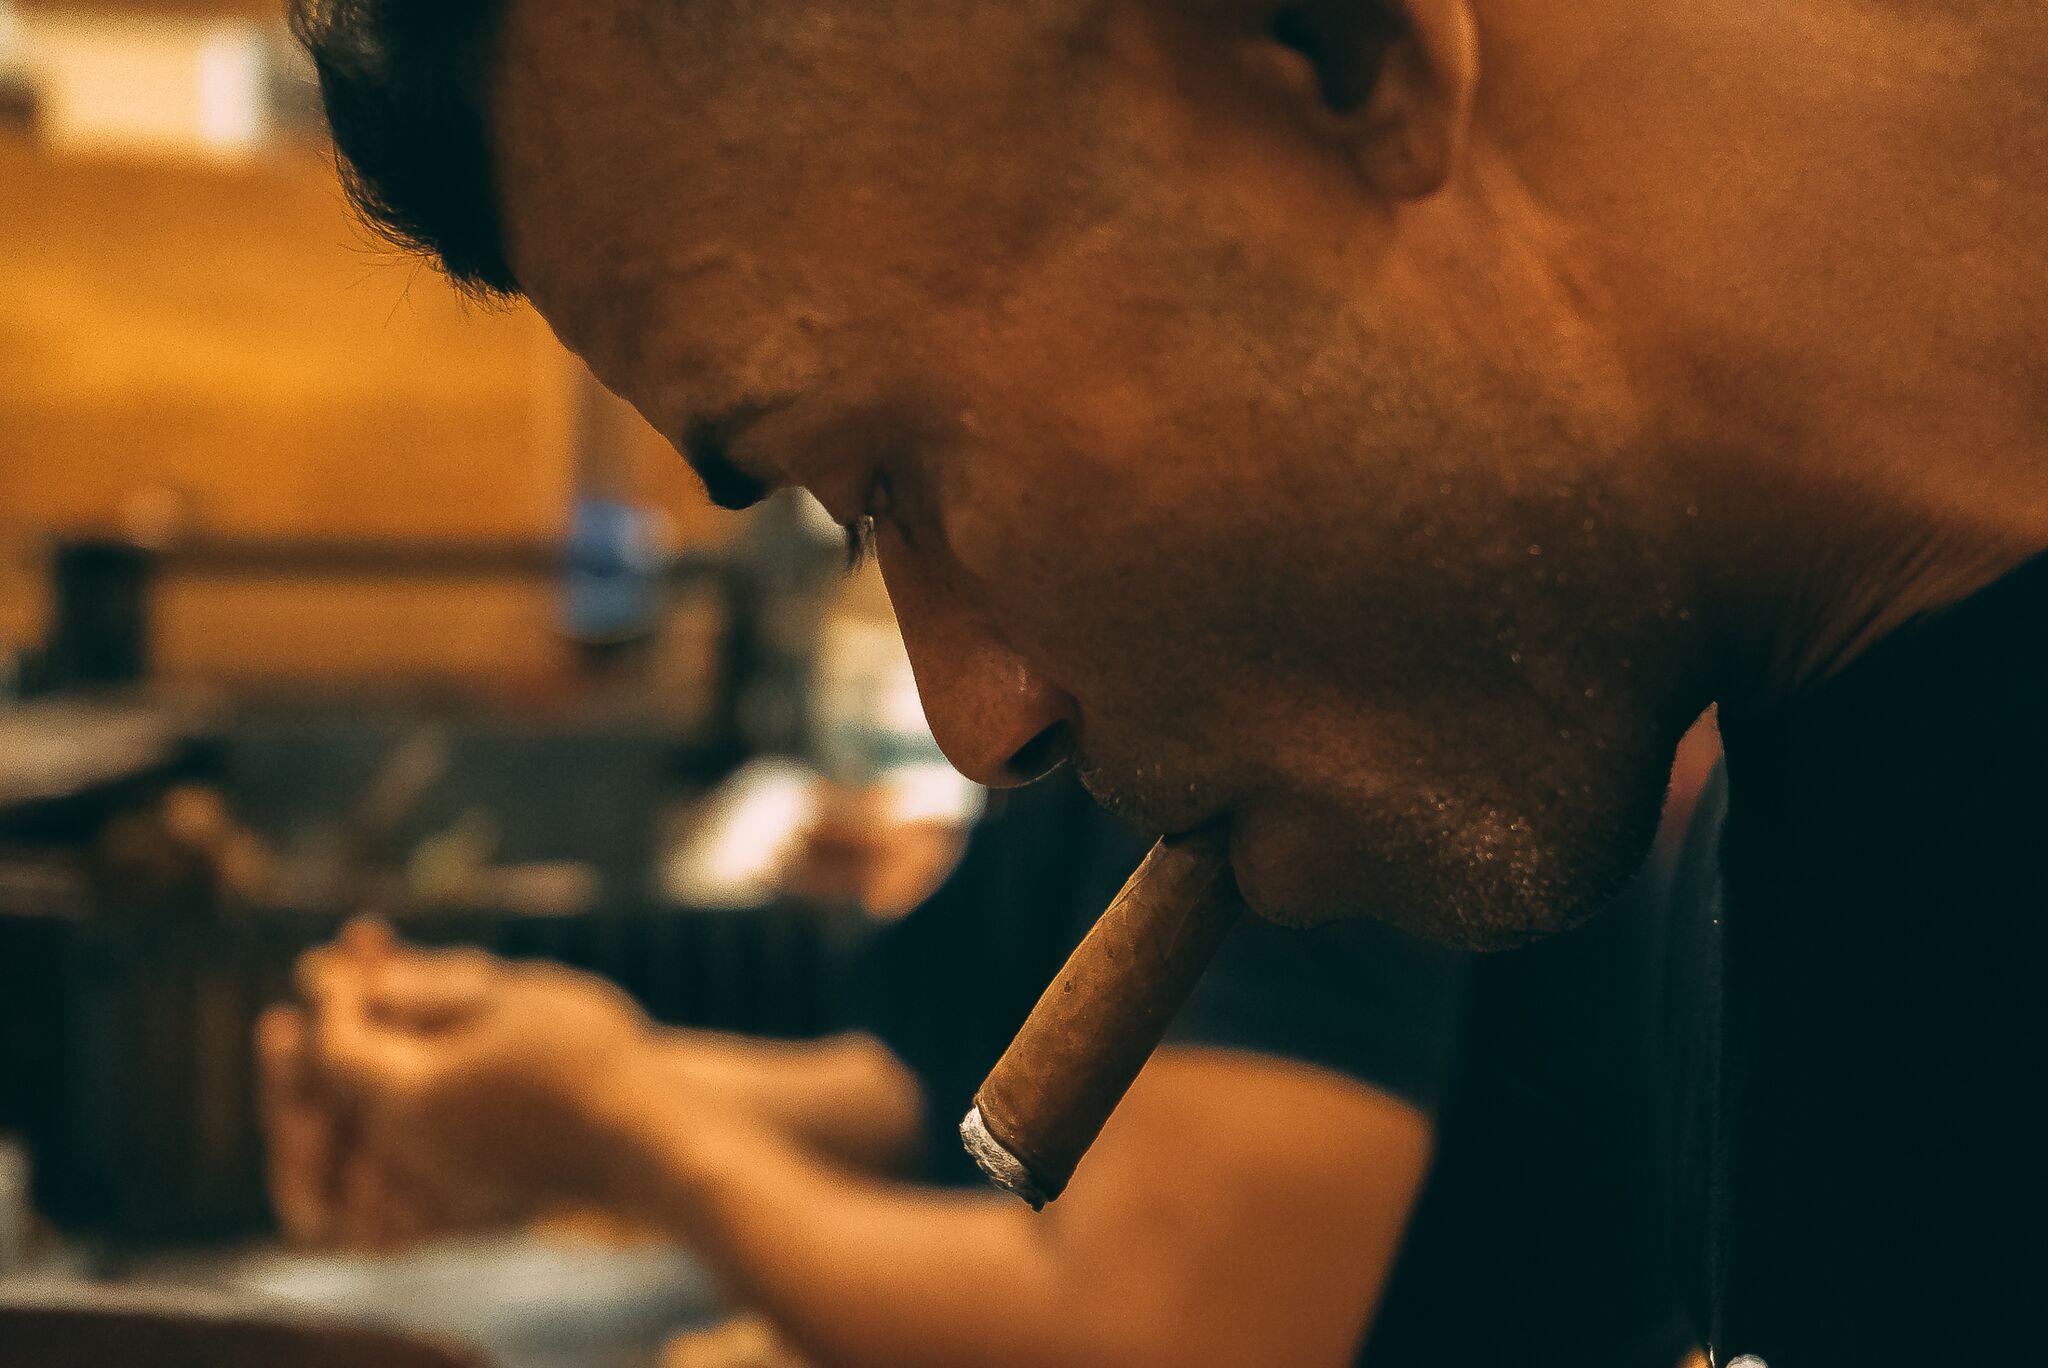 sites de rencontre pour les fumeurs de cigares travail datant Charlestown